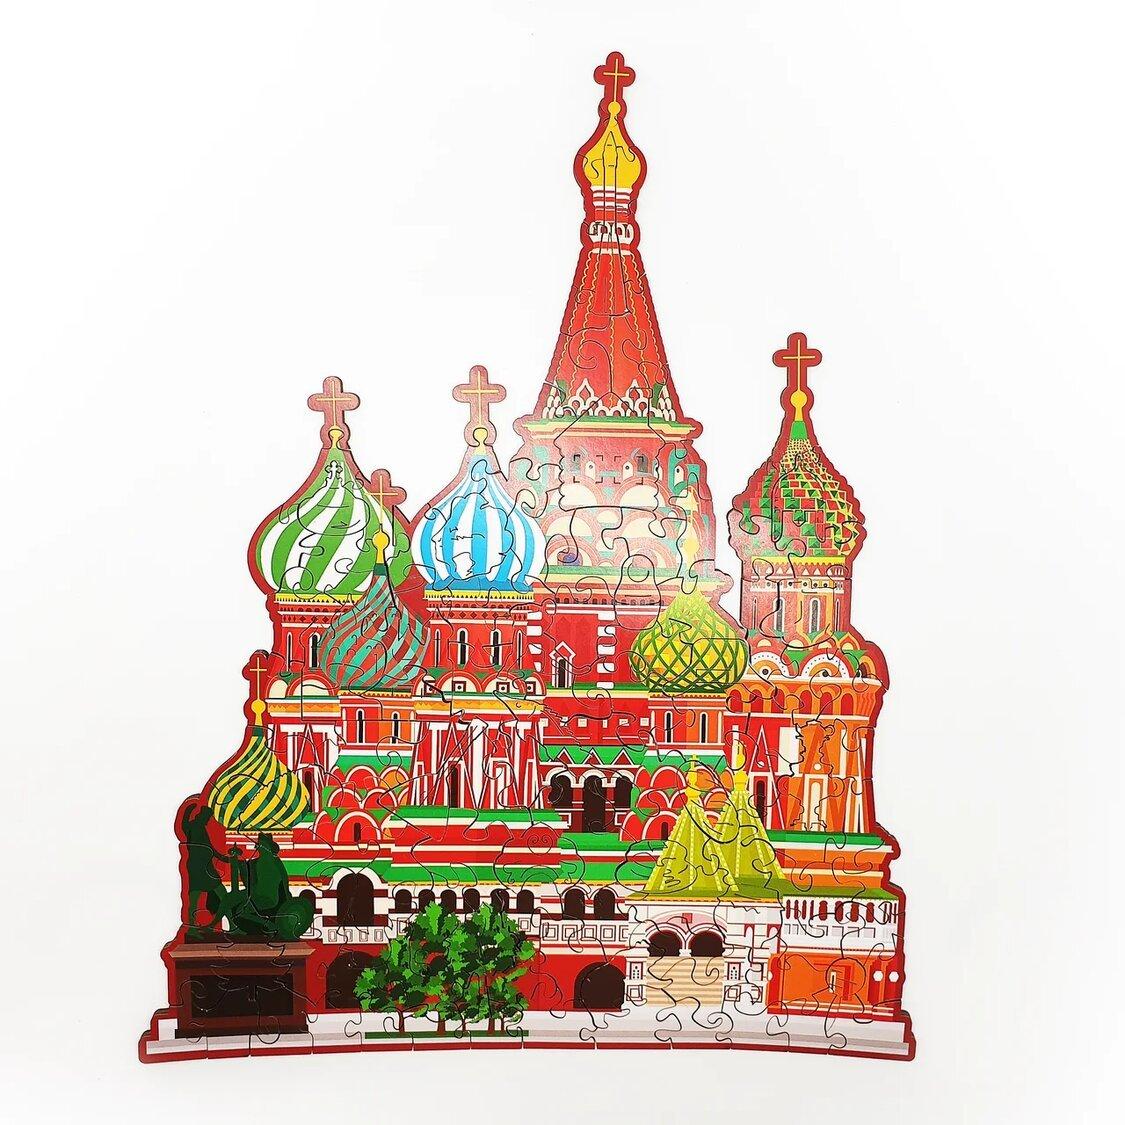 Купить Деревянный пазл Home Puzzle Собор Василия Блаженного, 30х24 см, Пазлы